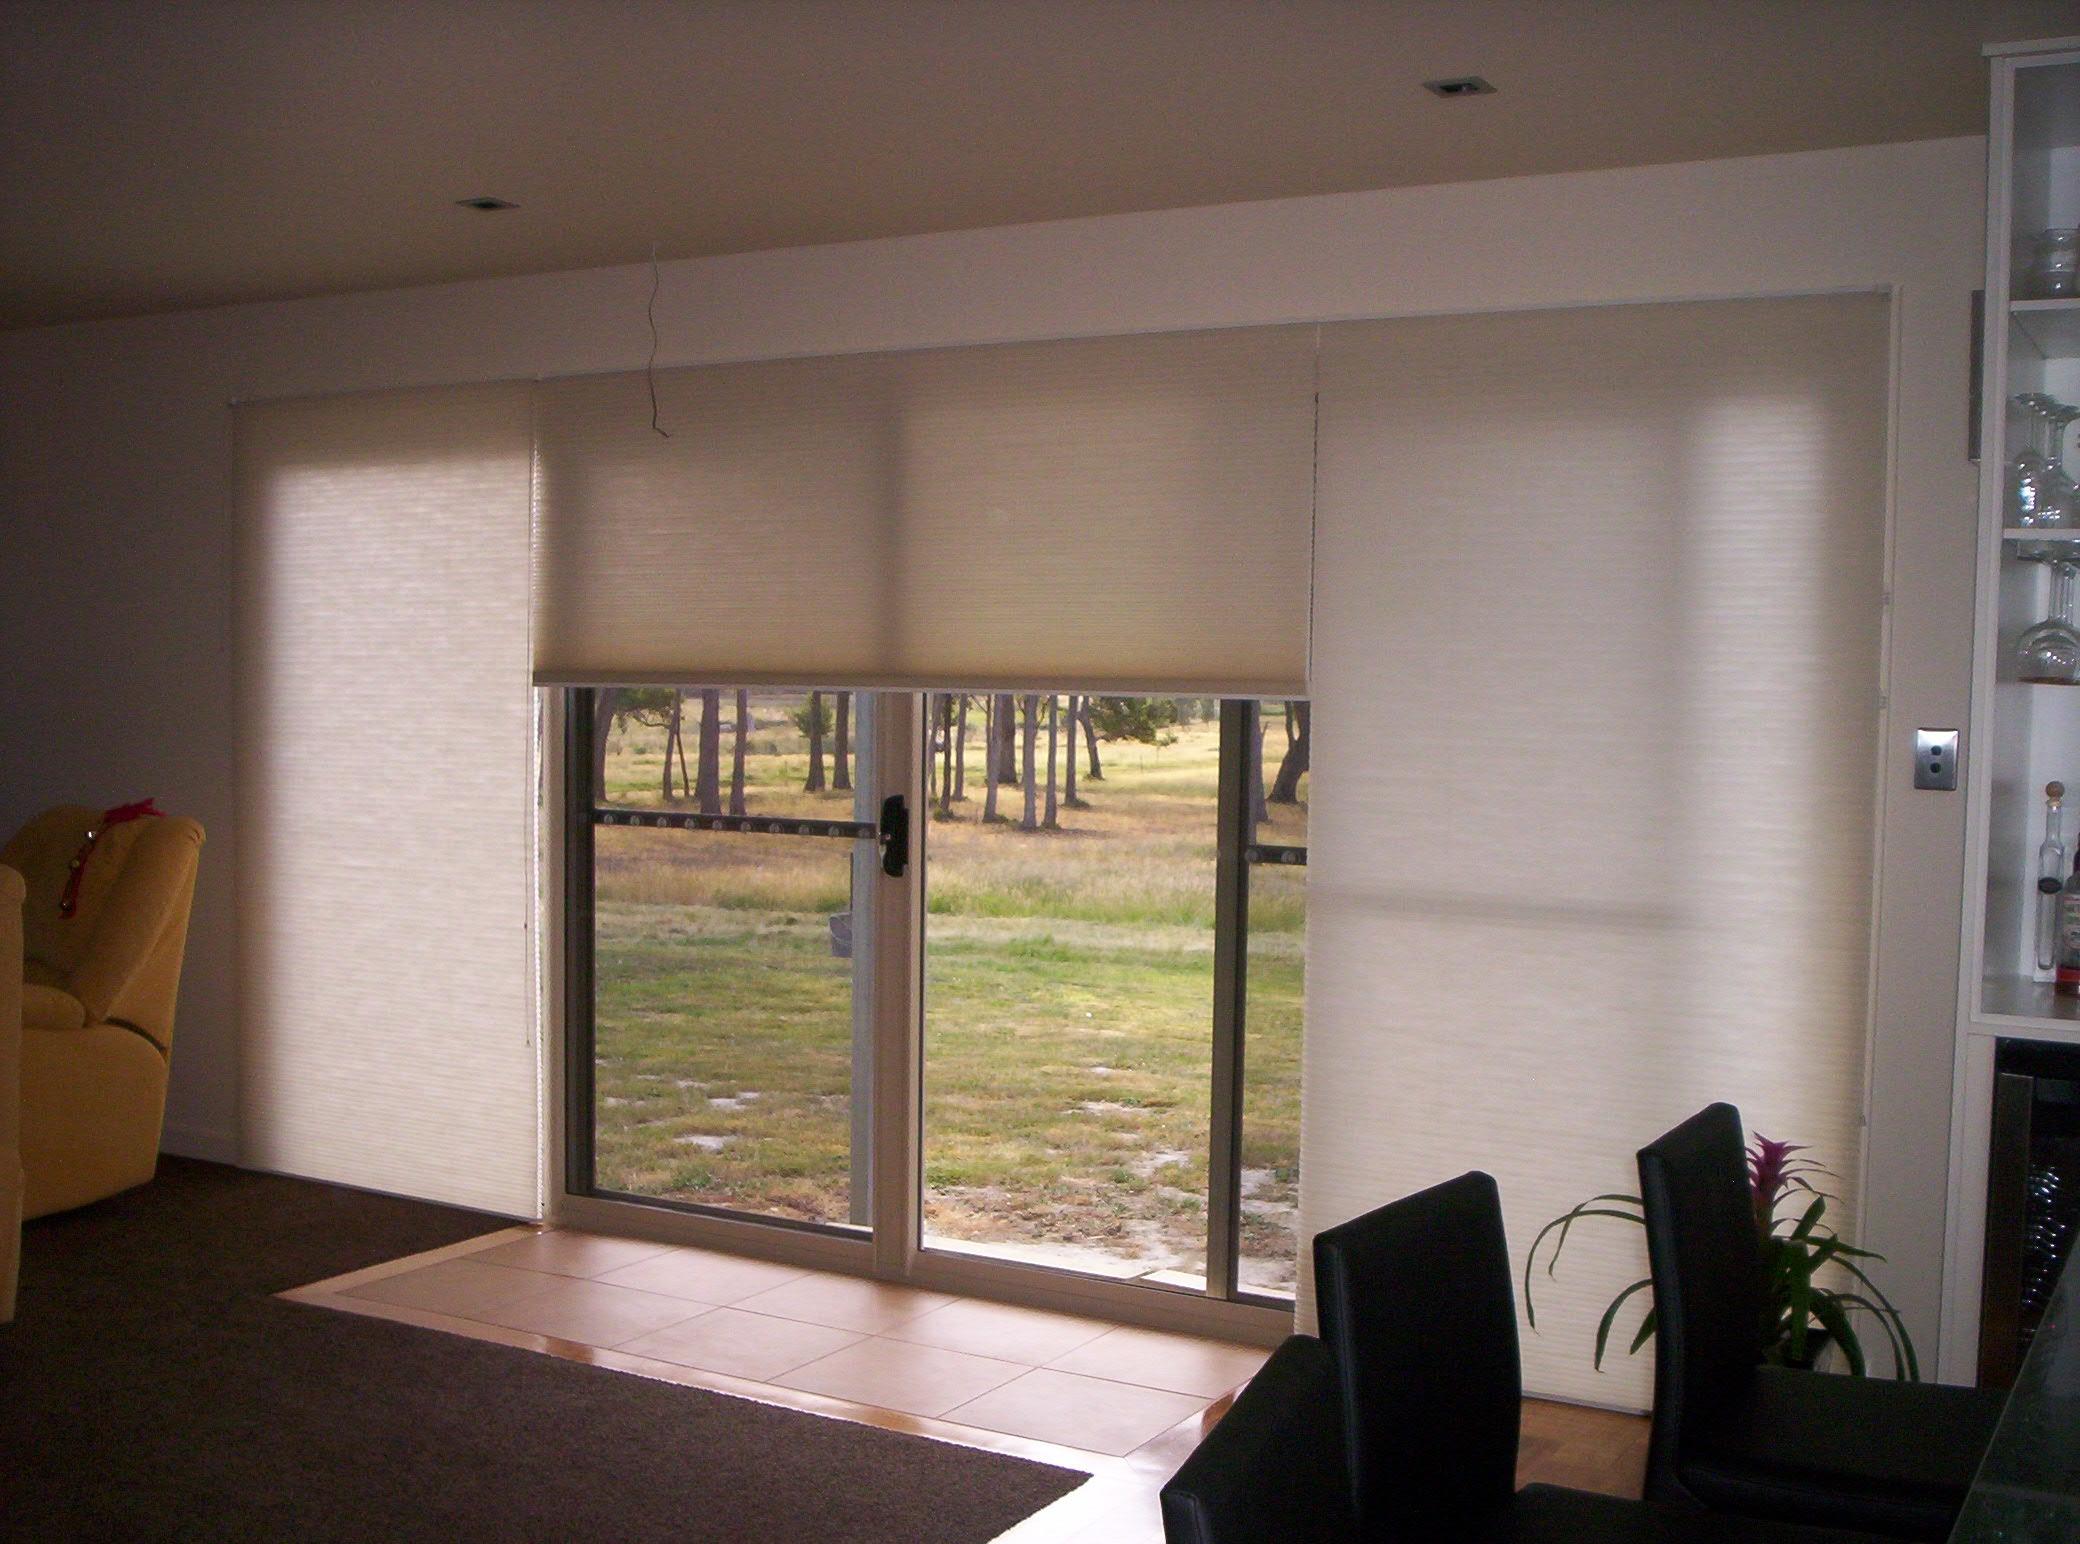 Window Blinds For Sliding DoorsWindow Blinds For Sliding Doors